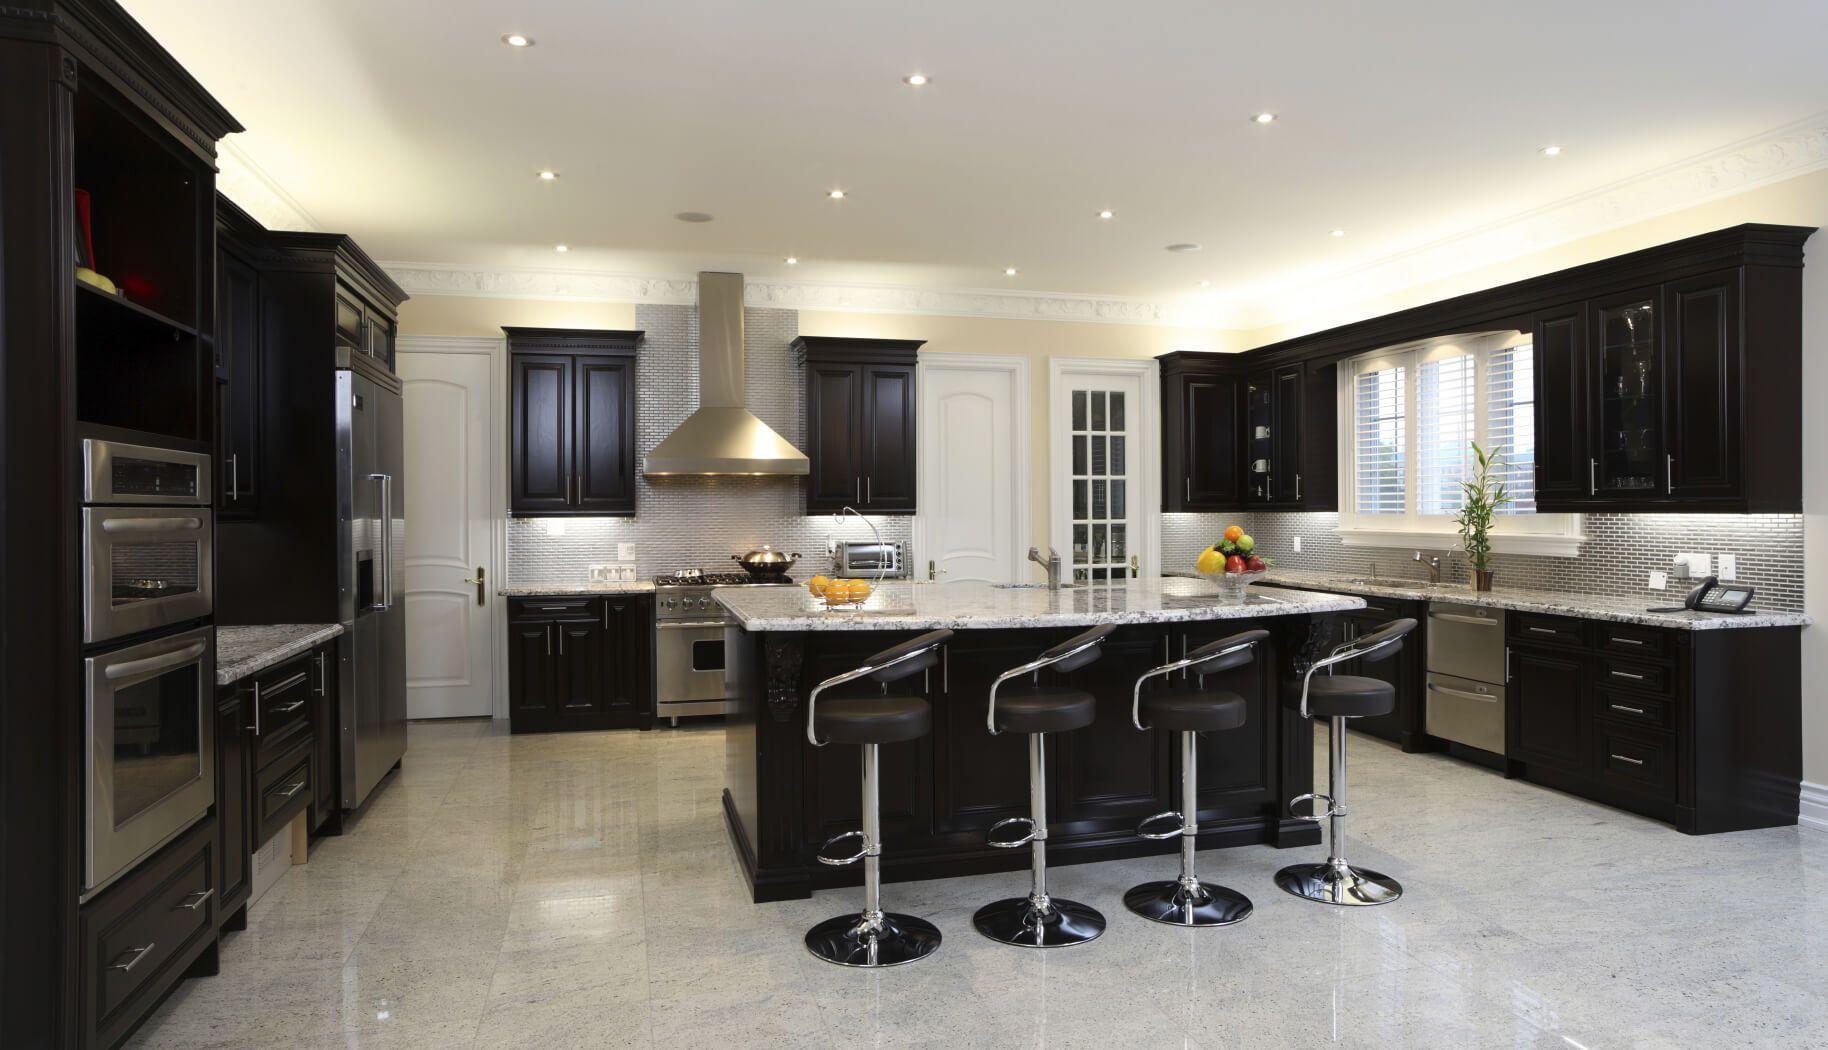 Modern Kitchen Ideas With Dark Cabinets